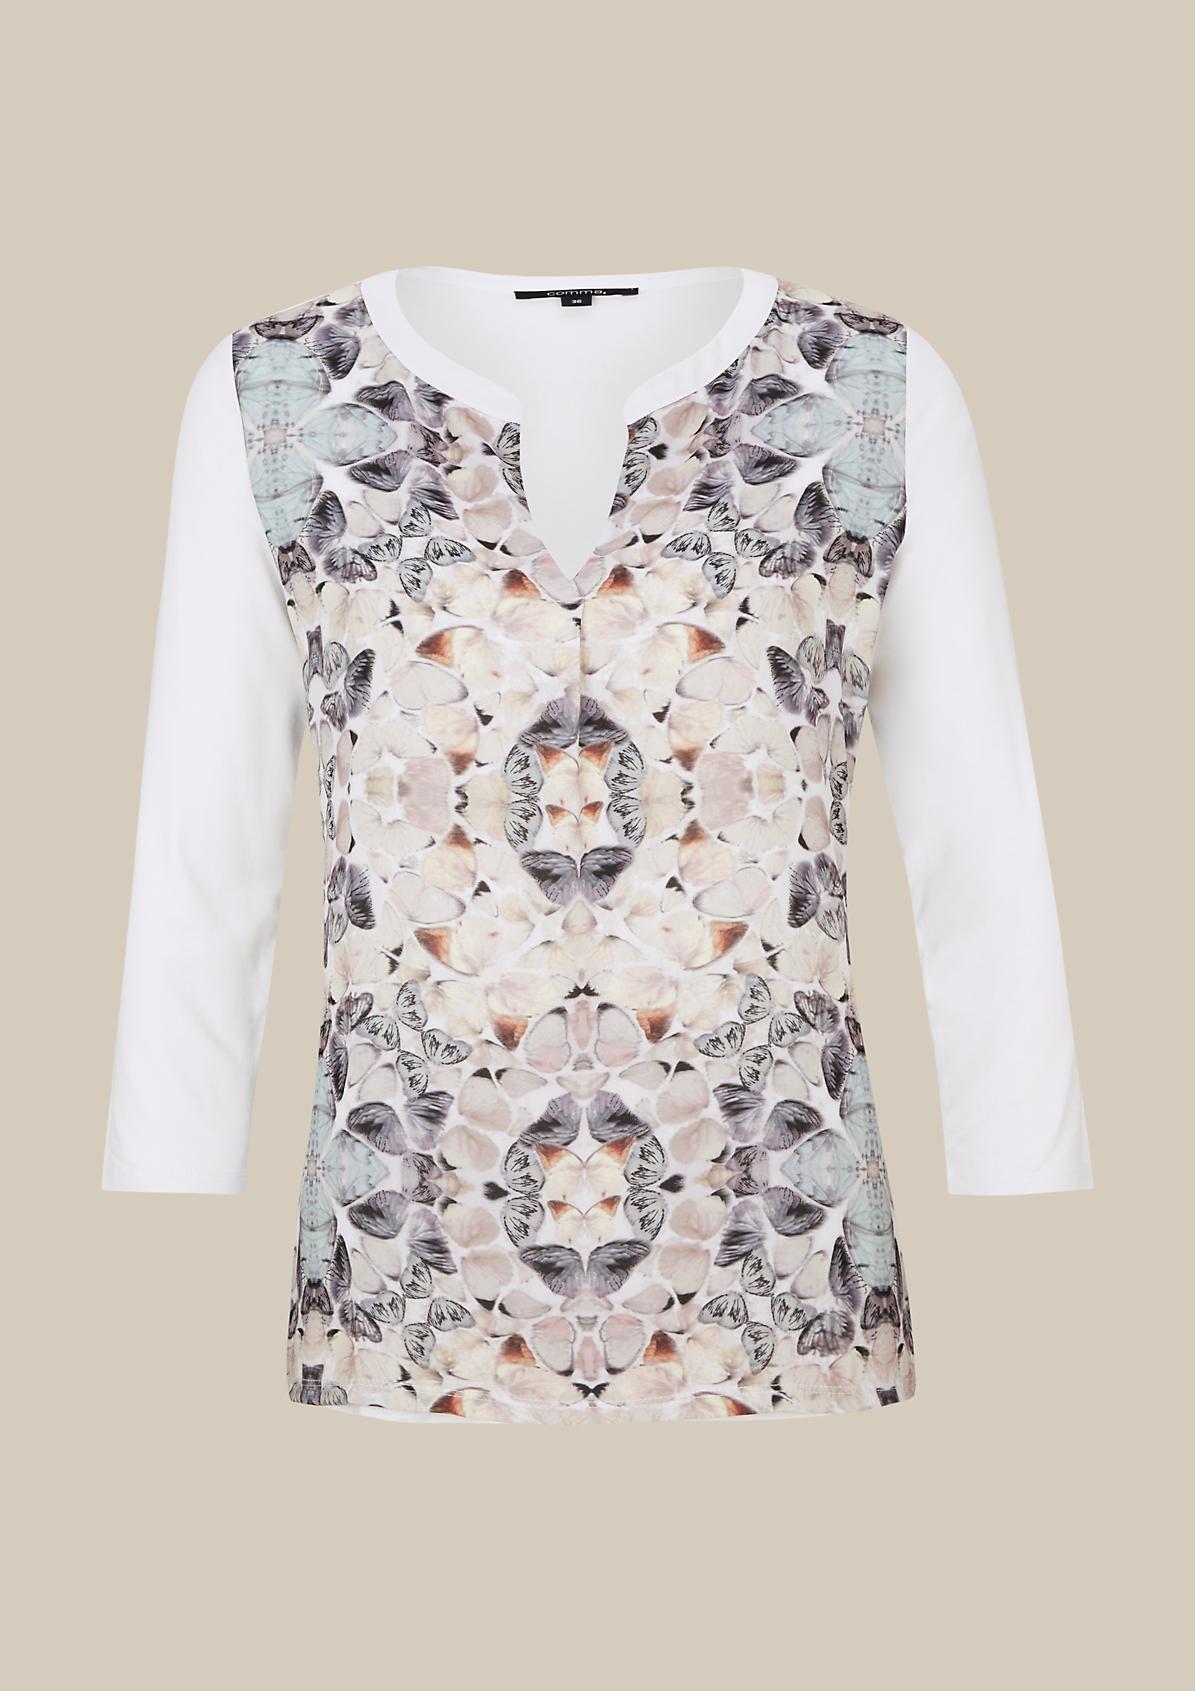 Raffiniertes 3/4-Arm Shirt im schönen Materialmix